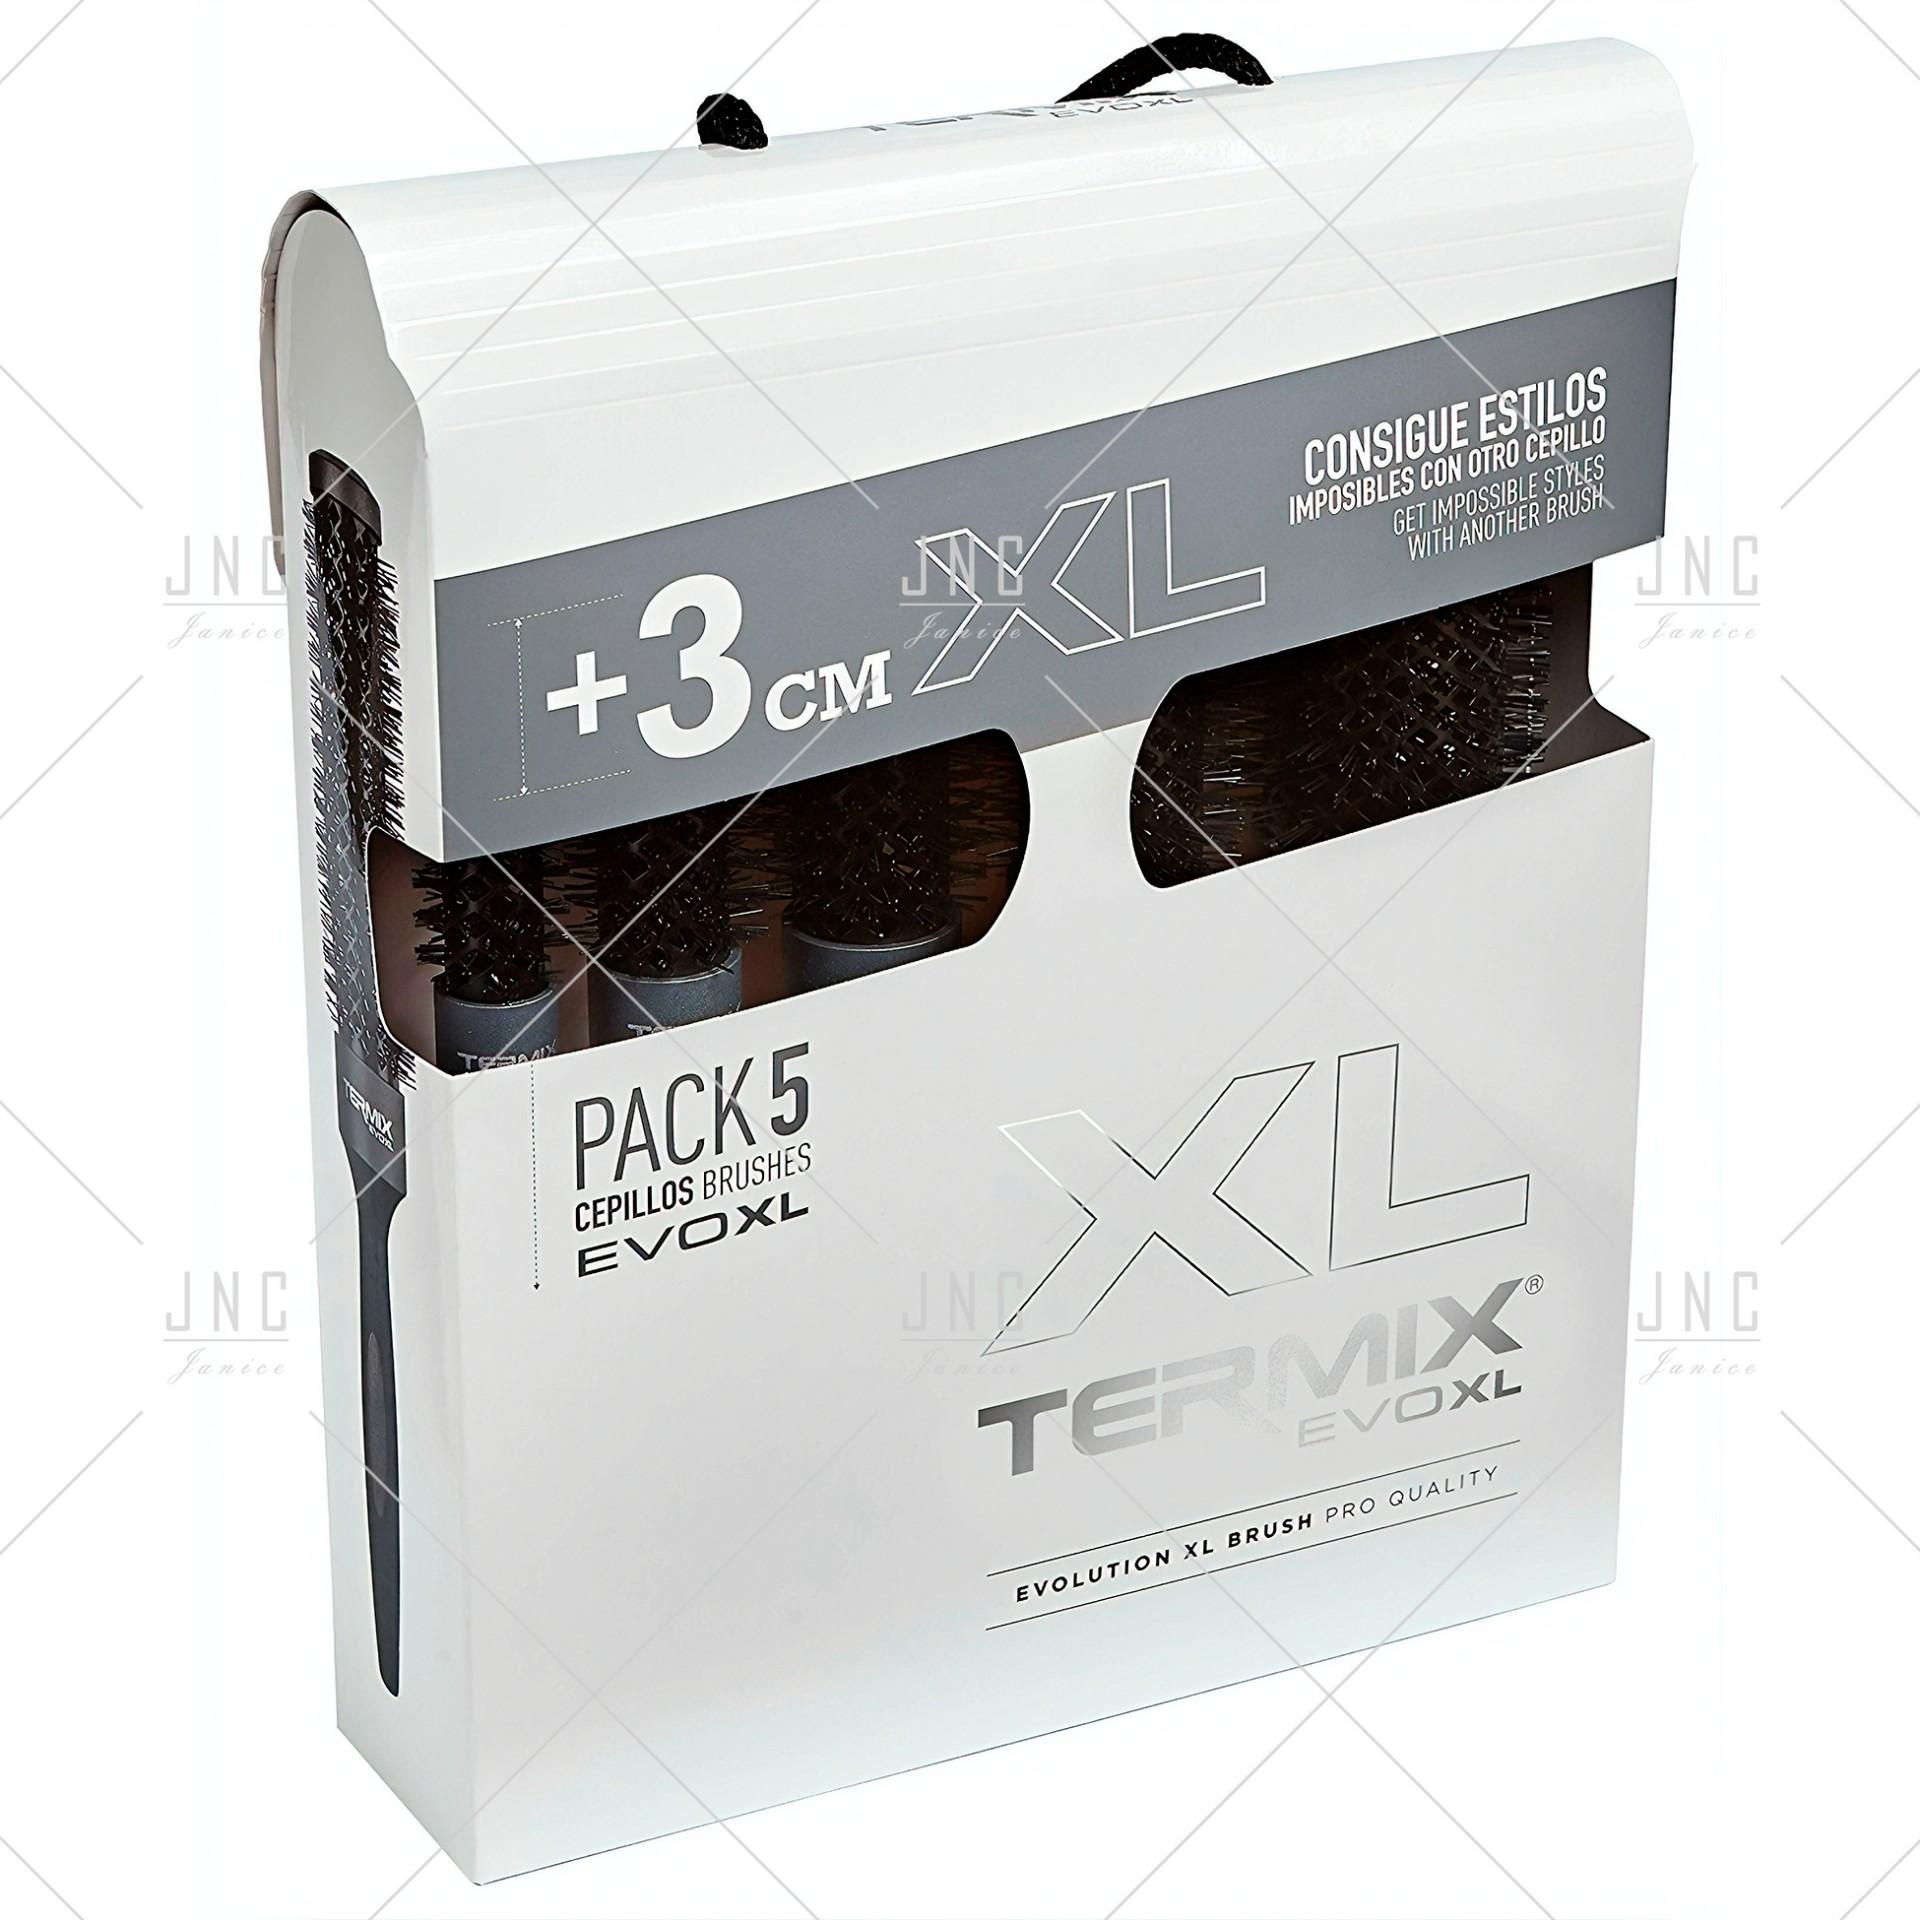 Pack Escovas Cabelo +3cm  XL  EVOXL - TERMIX   Ref. 242372